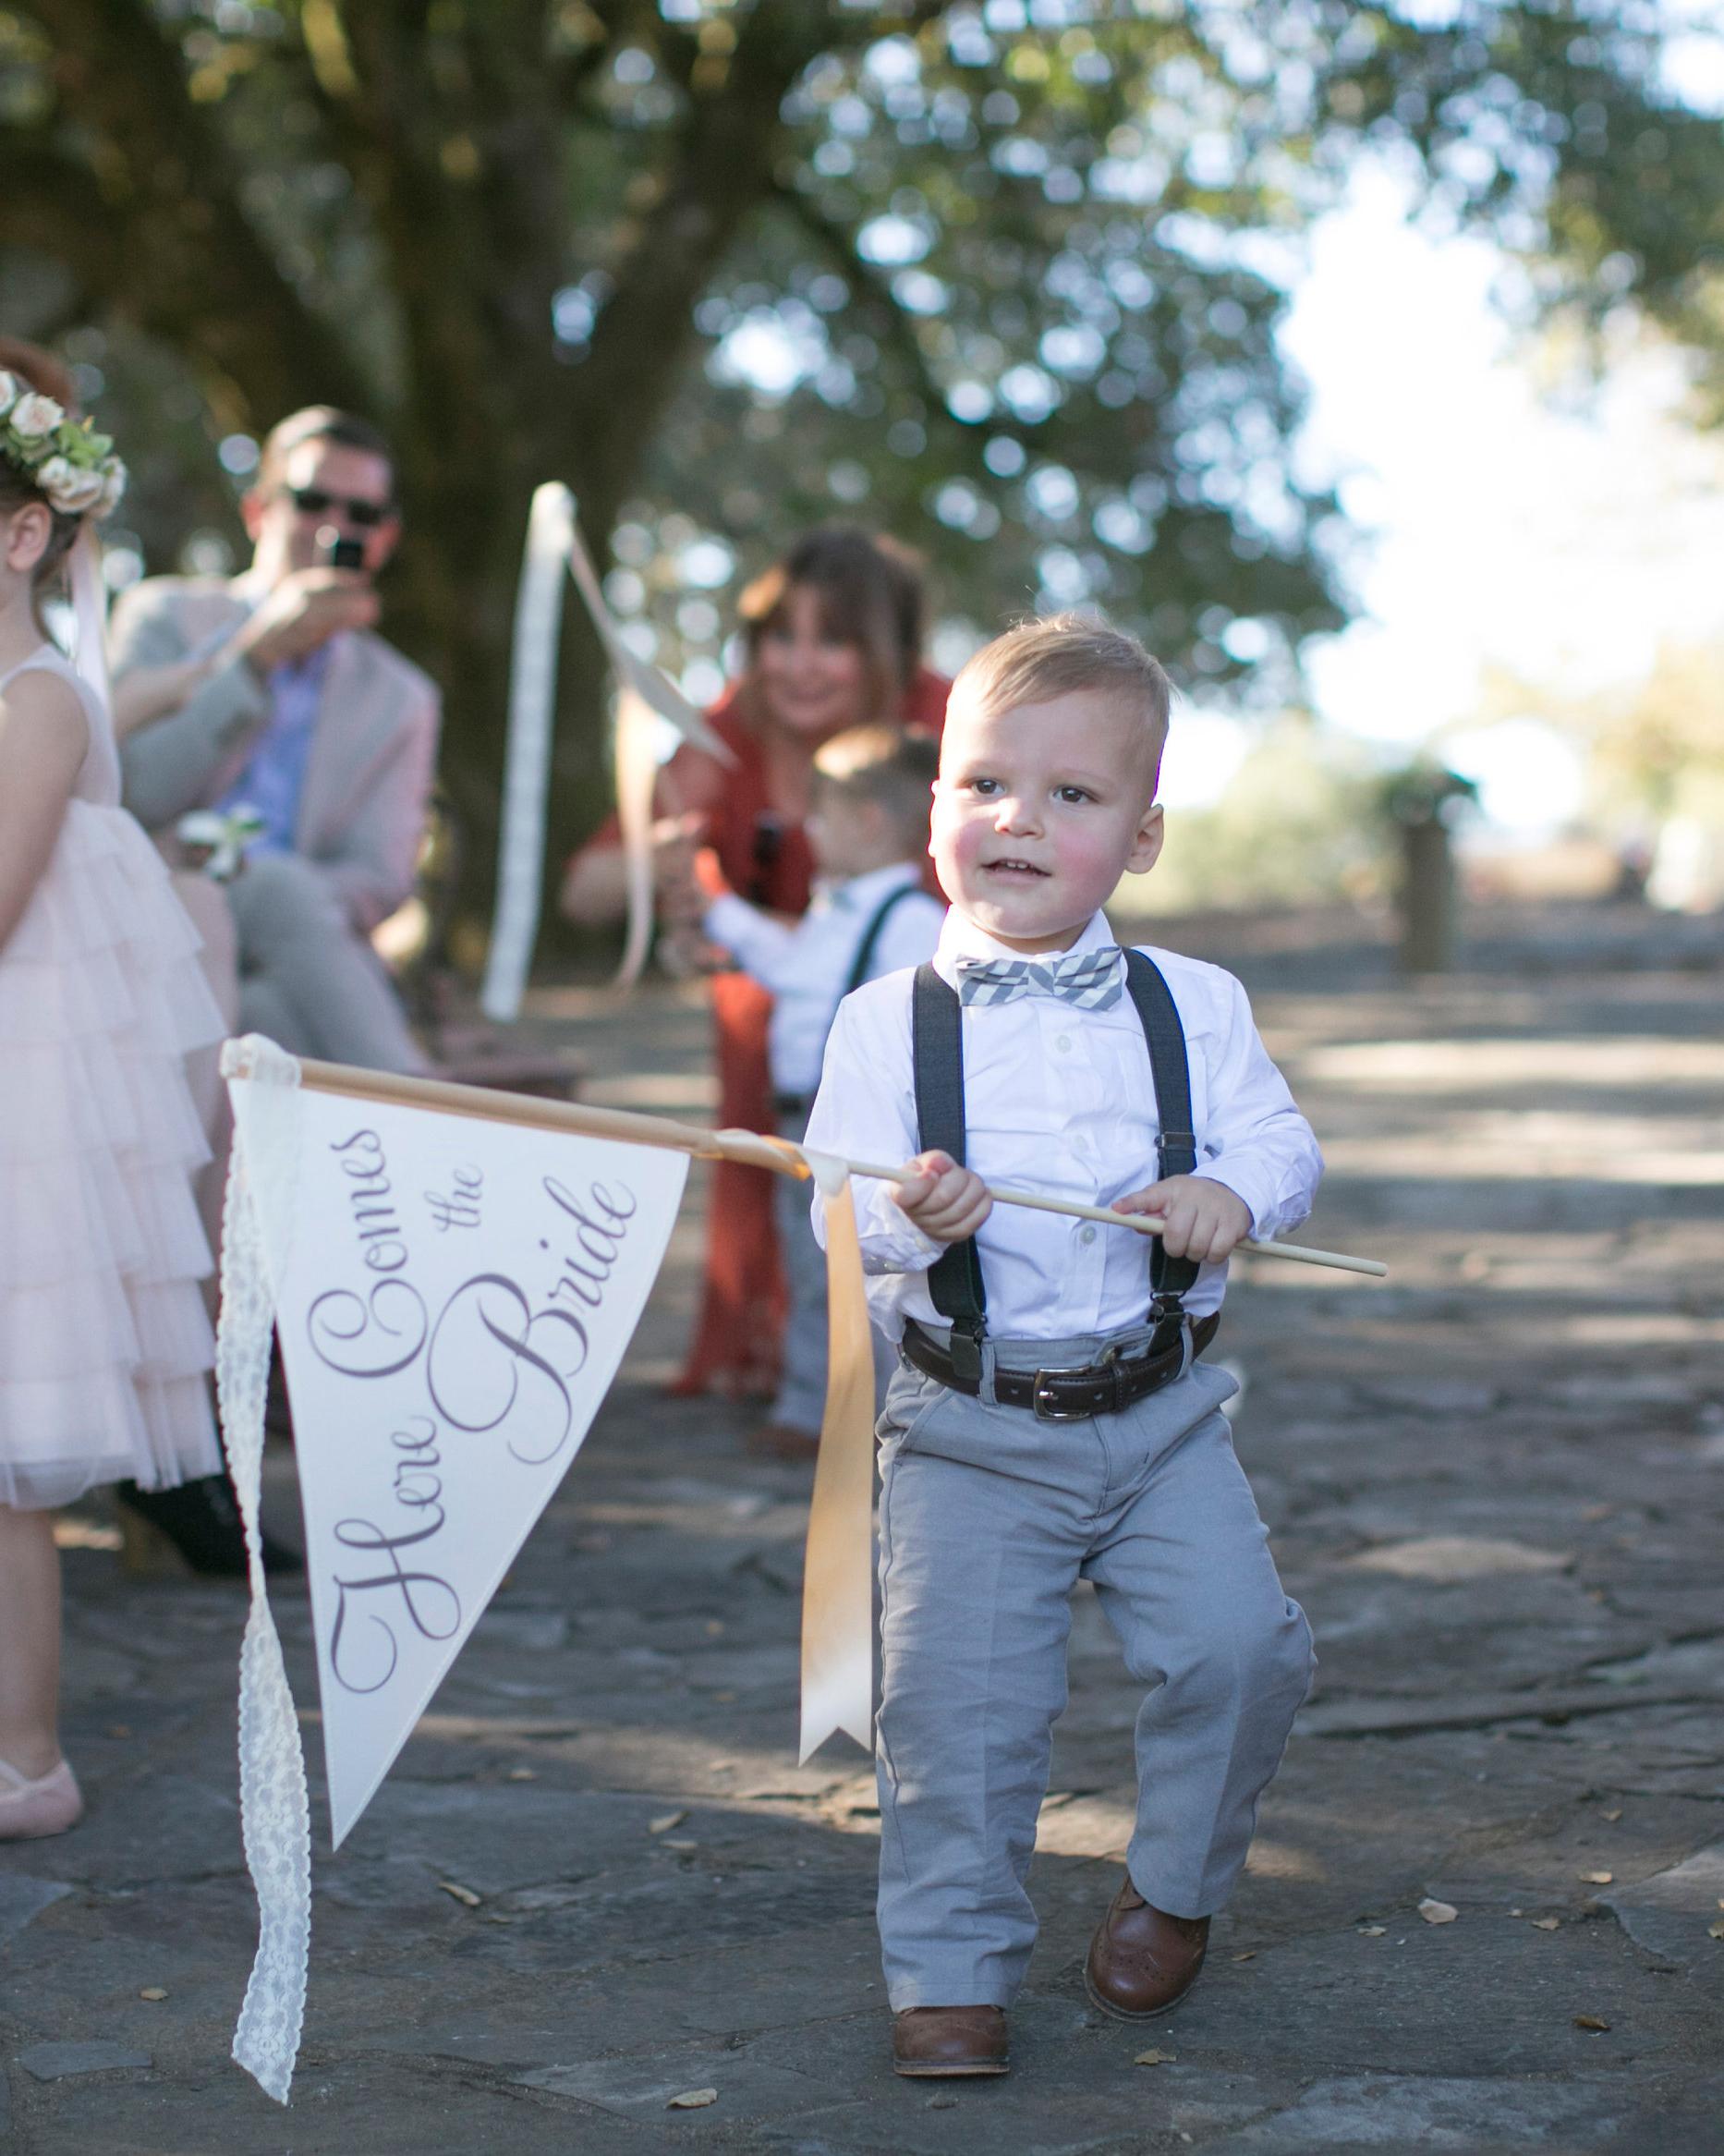 briana-adam-wedding-flag-0678-s112471-1215.jpg